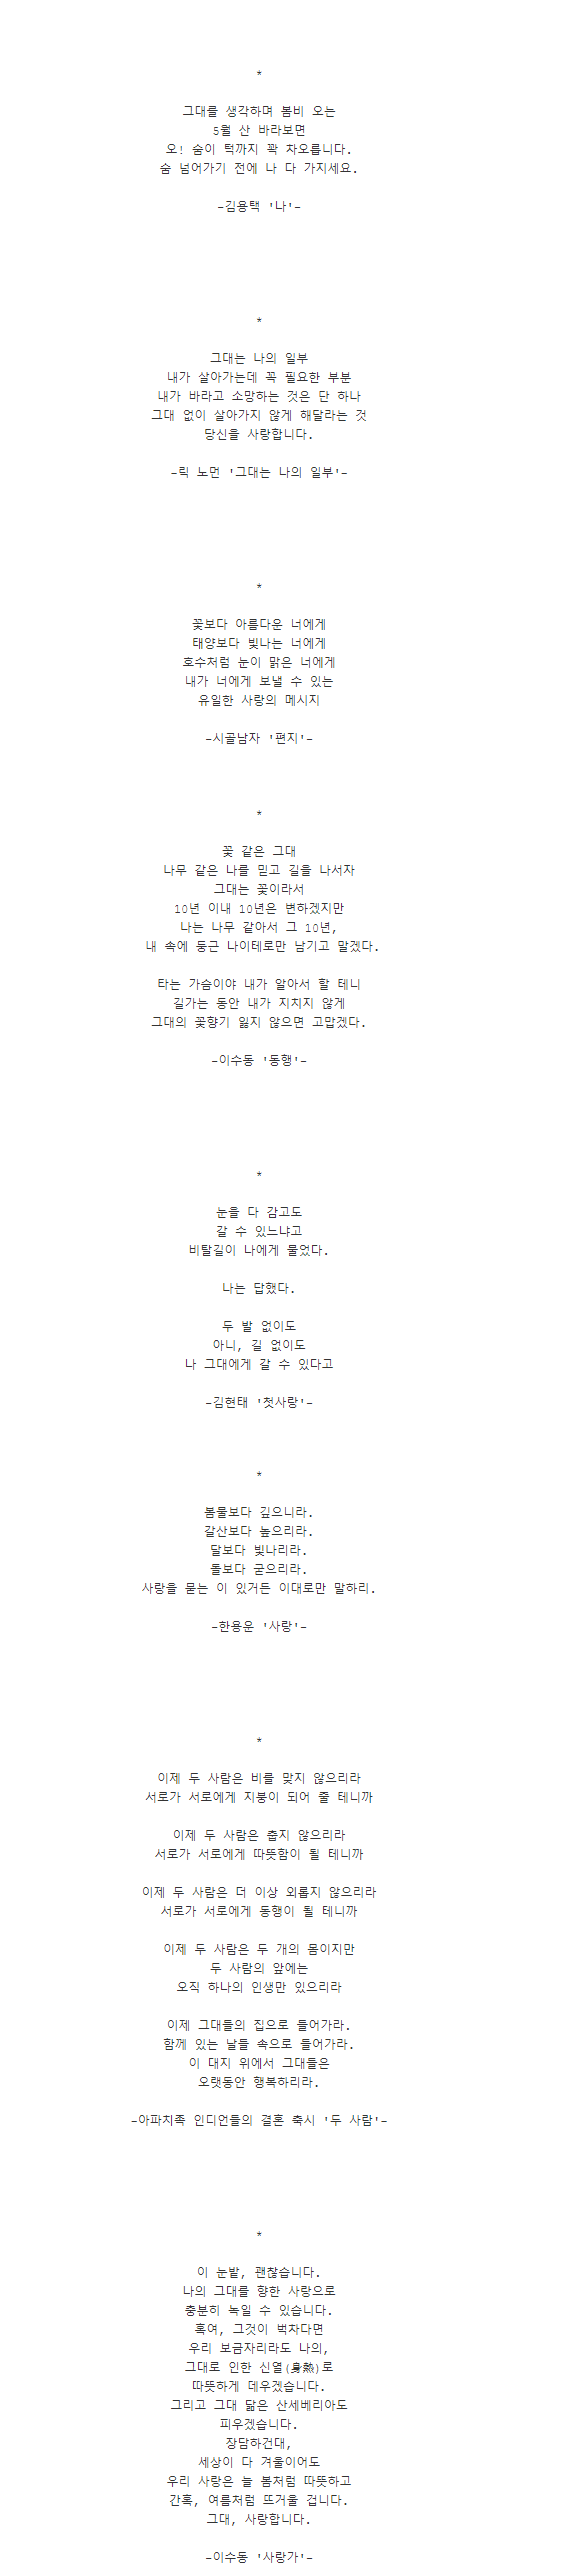 https://image.fmkorea.com/files/attach/new/20191105/486616/2042564990/2352366263/99b983892094b5c6d2fc3736e15da7d1.png